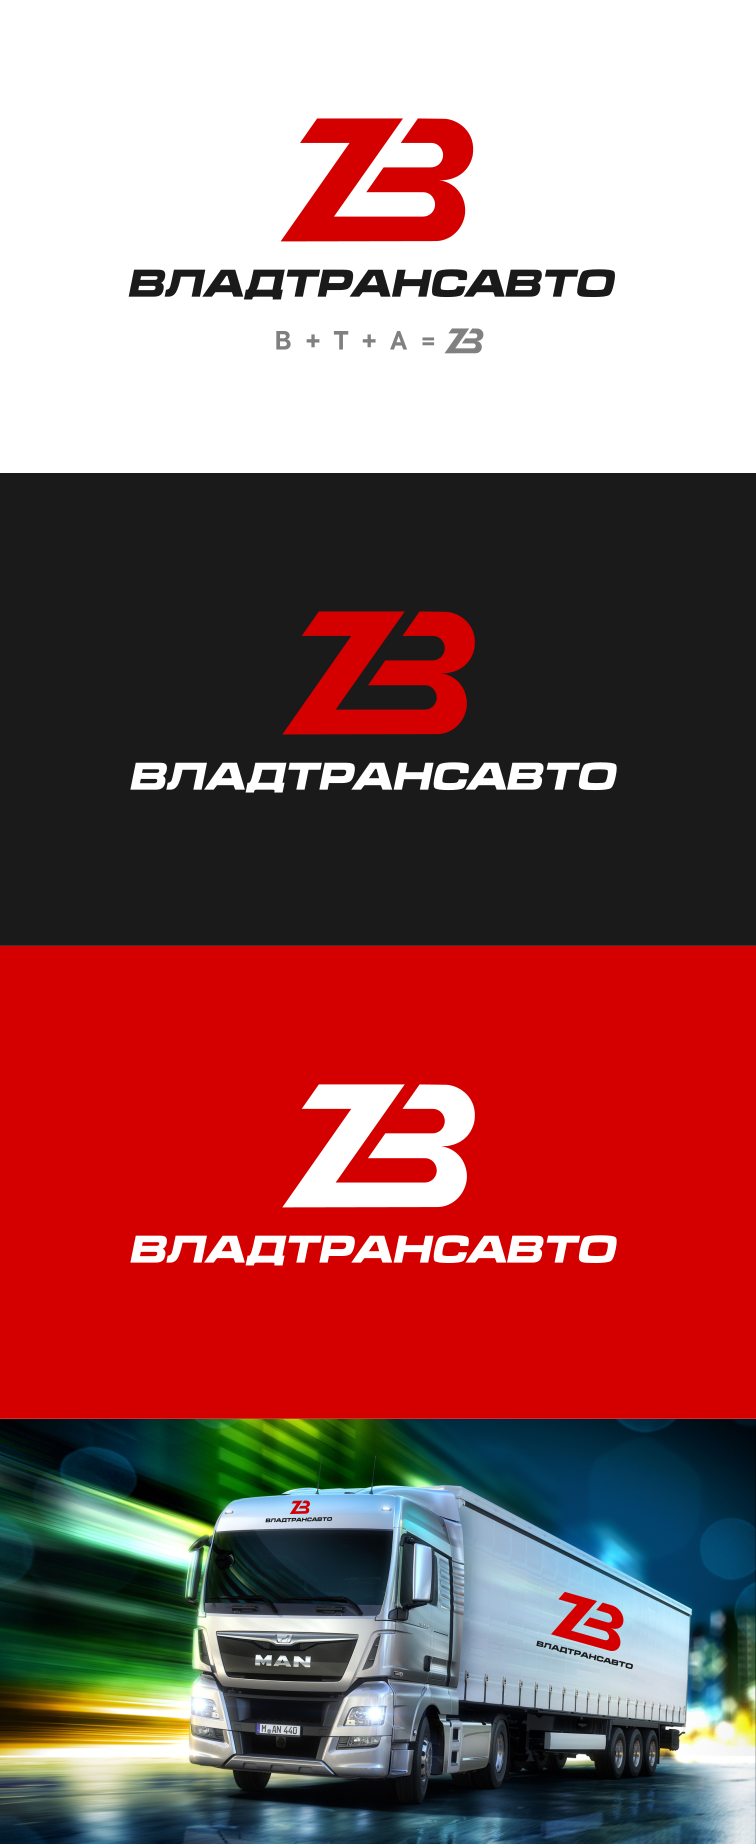 Логотип и фирменный стиль для транспортной компании Владтрансавто фото f_3945cf2468188535.png